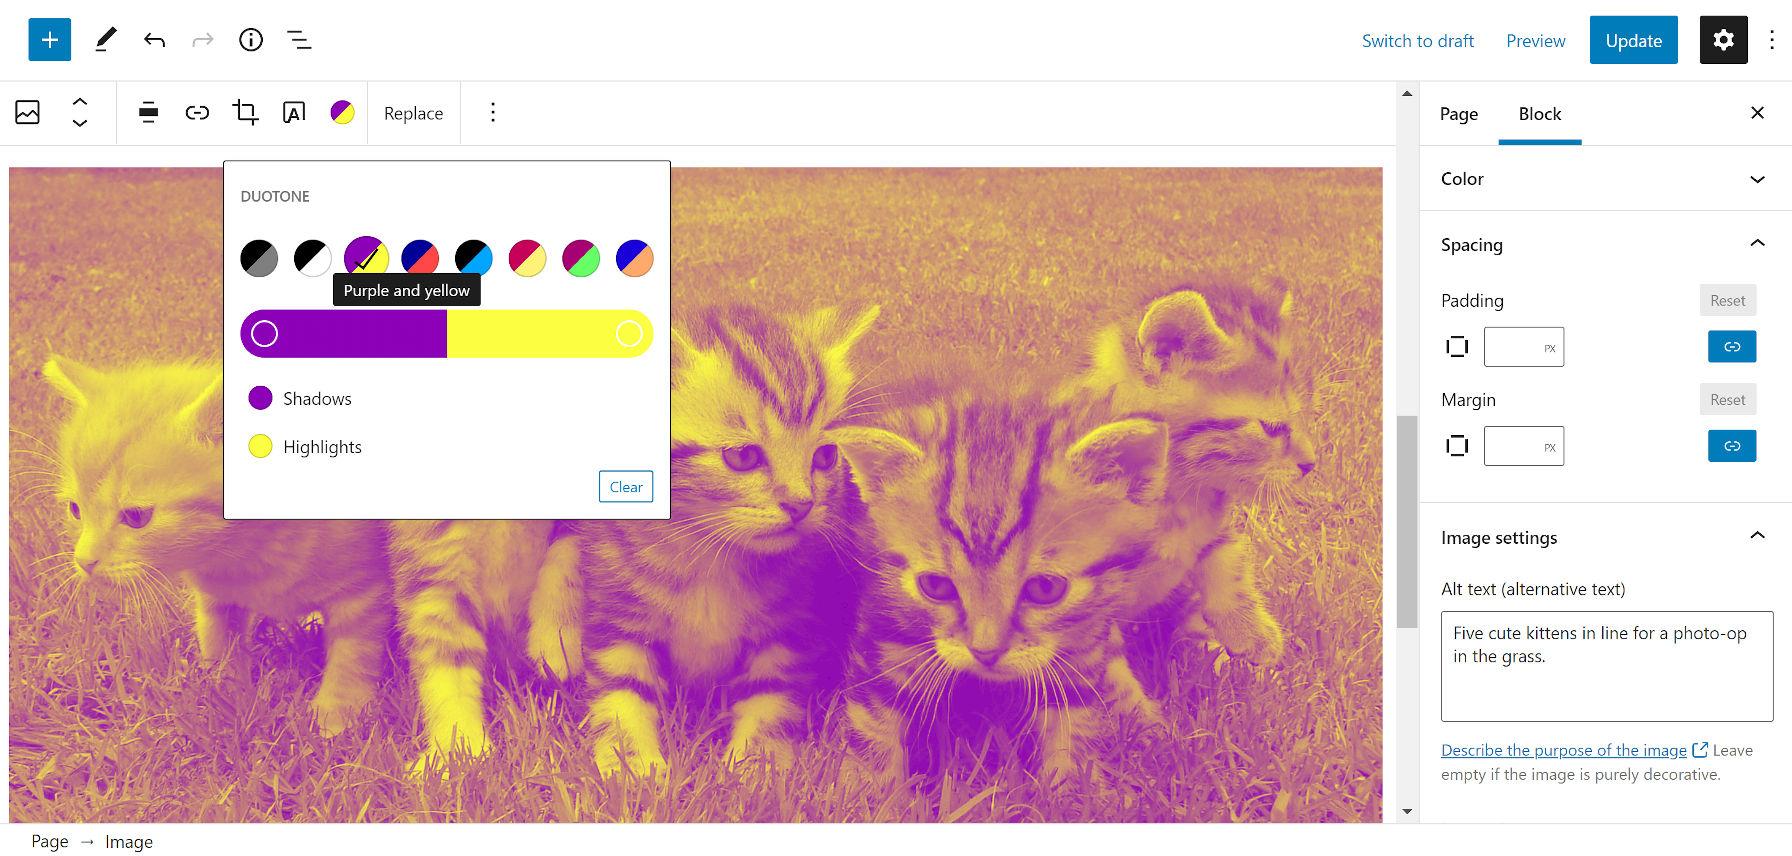 Aggiunta di un filtro a due tonalità viola e giallo sopra l'immagine di gattini in un campo erboso.